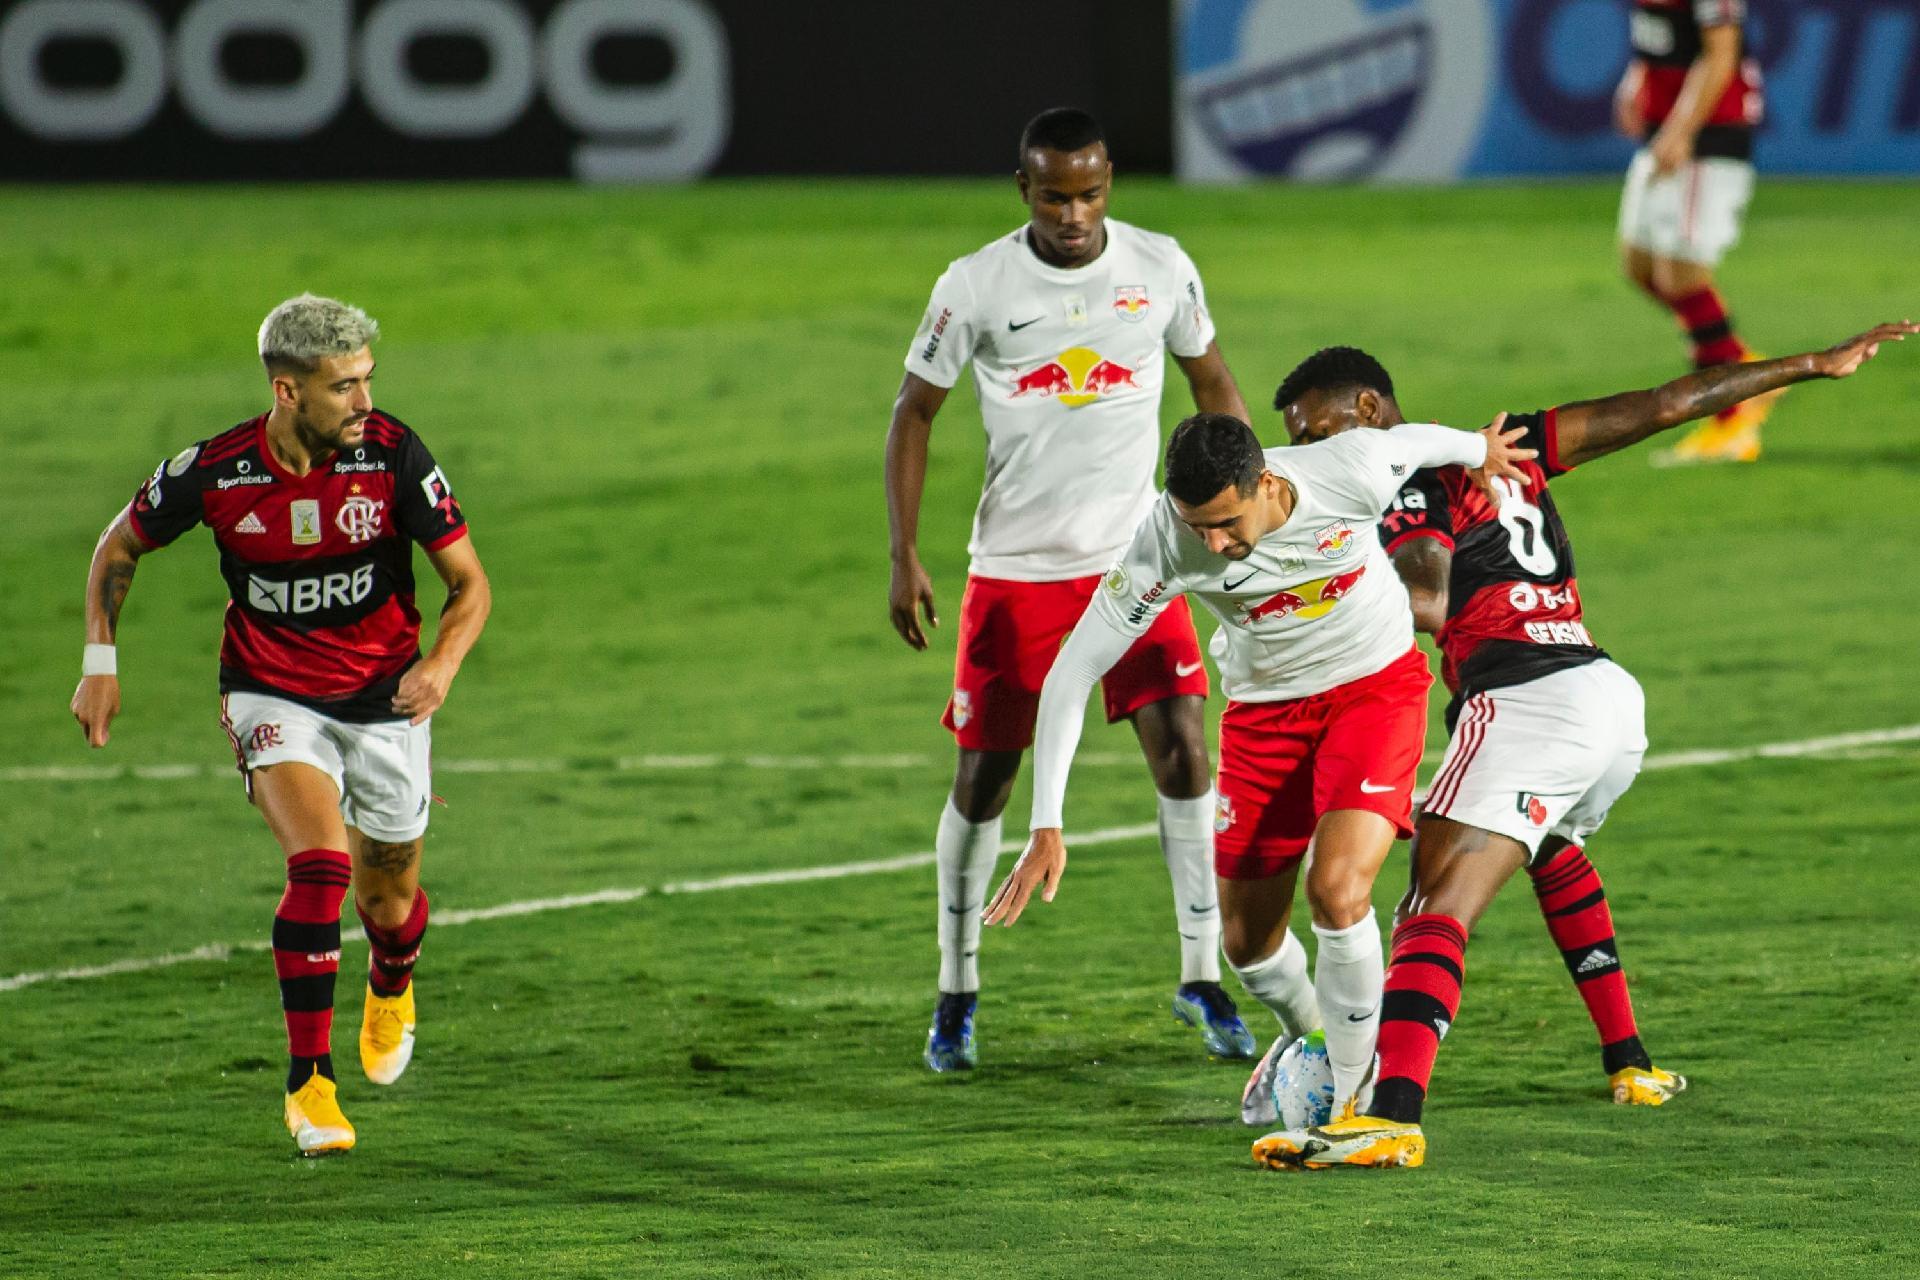 Soi kèo Flamengo vs Bragantino, 07h00 ngày 20/6, VĐQG Brazil